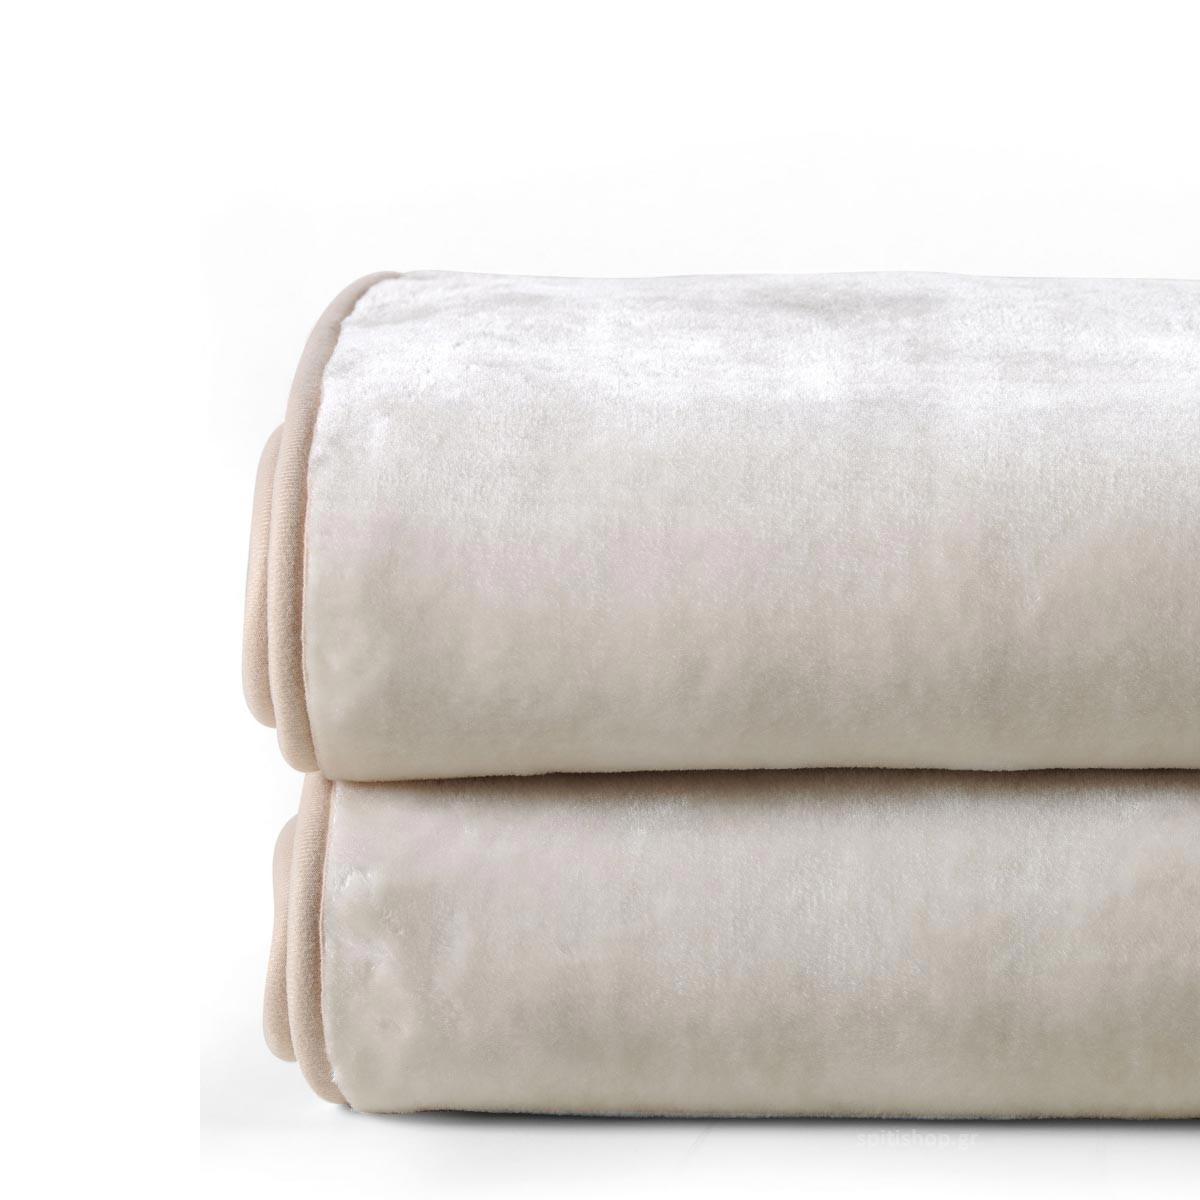 Κουβέρτα Βελουτέ Μονή Kentia Versus Soft 120